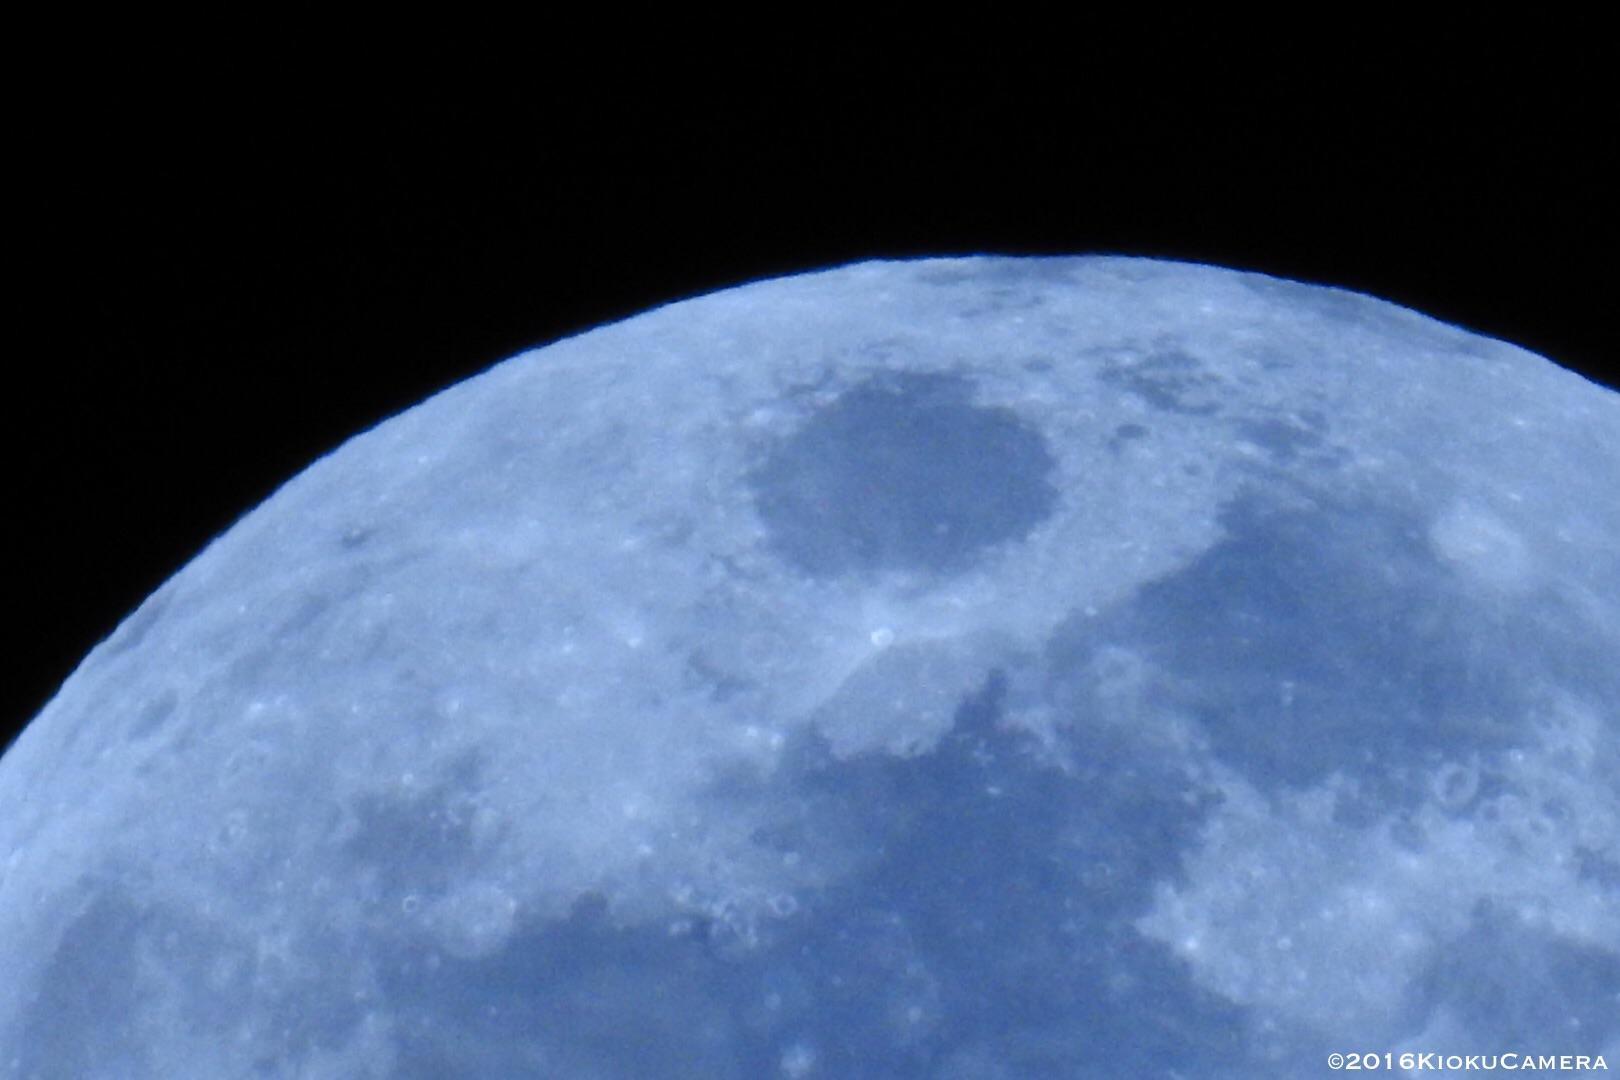 月も綺麗だけど、この瞬間、月を見ている人が多いことに癒される。